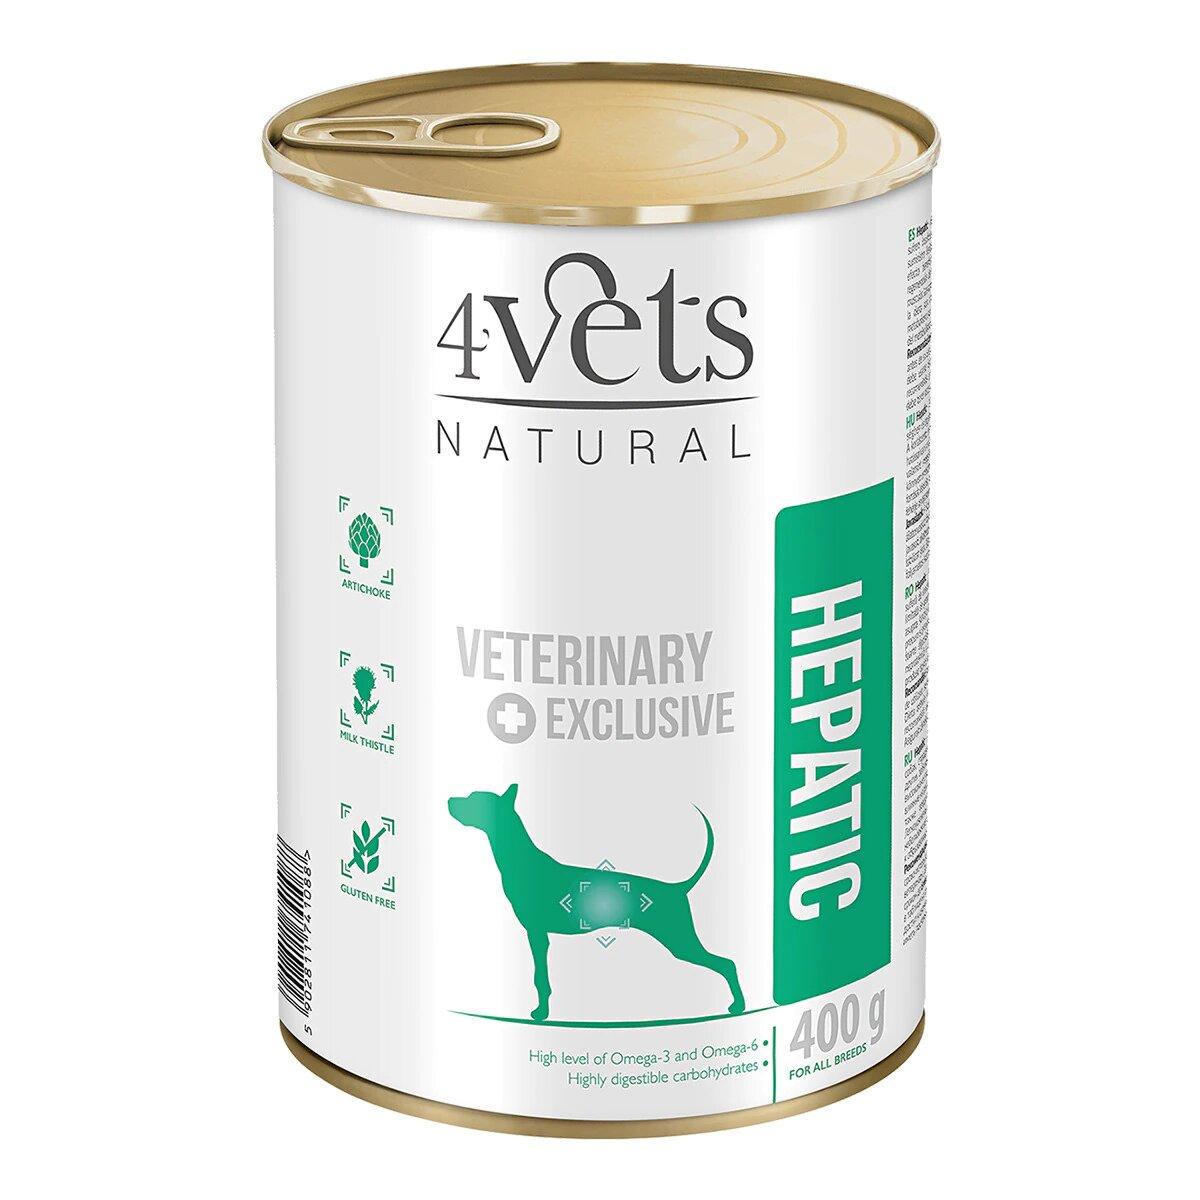 Comida para perros con problemas hepáticos Hepatic 4vets natural